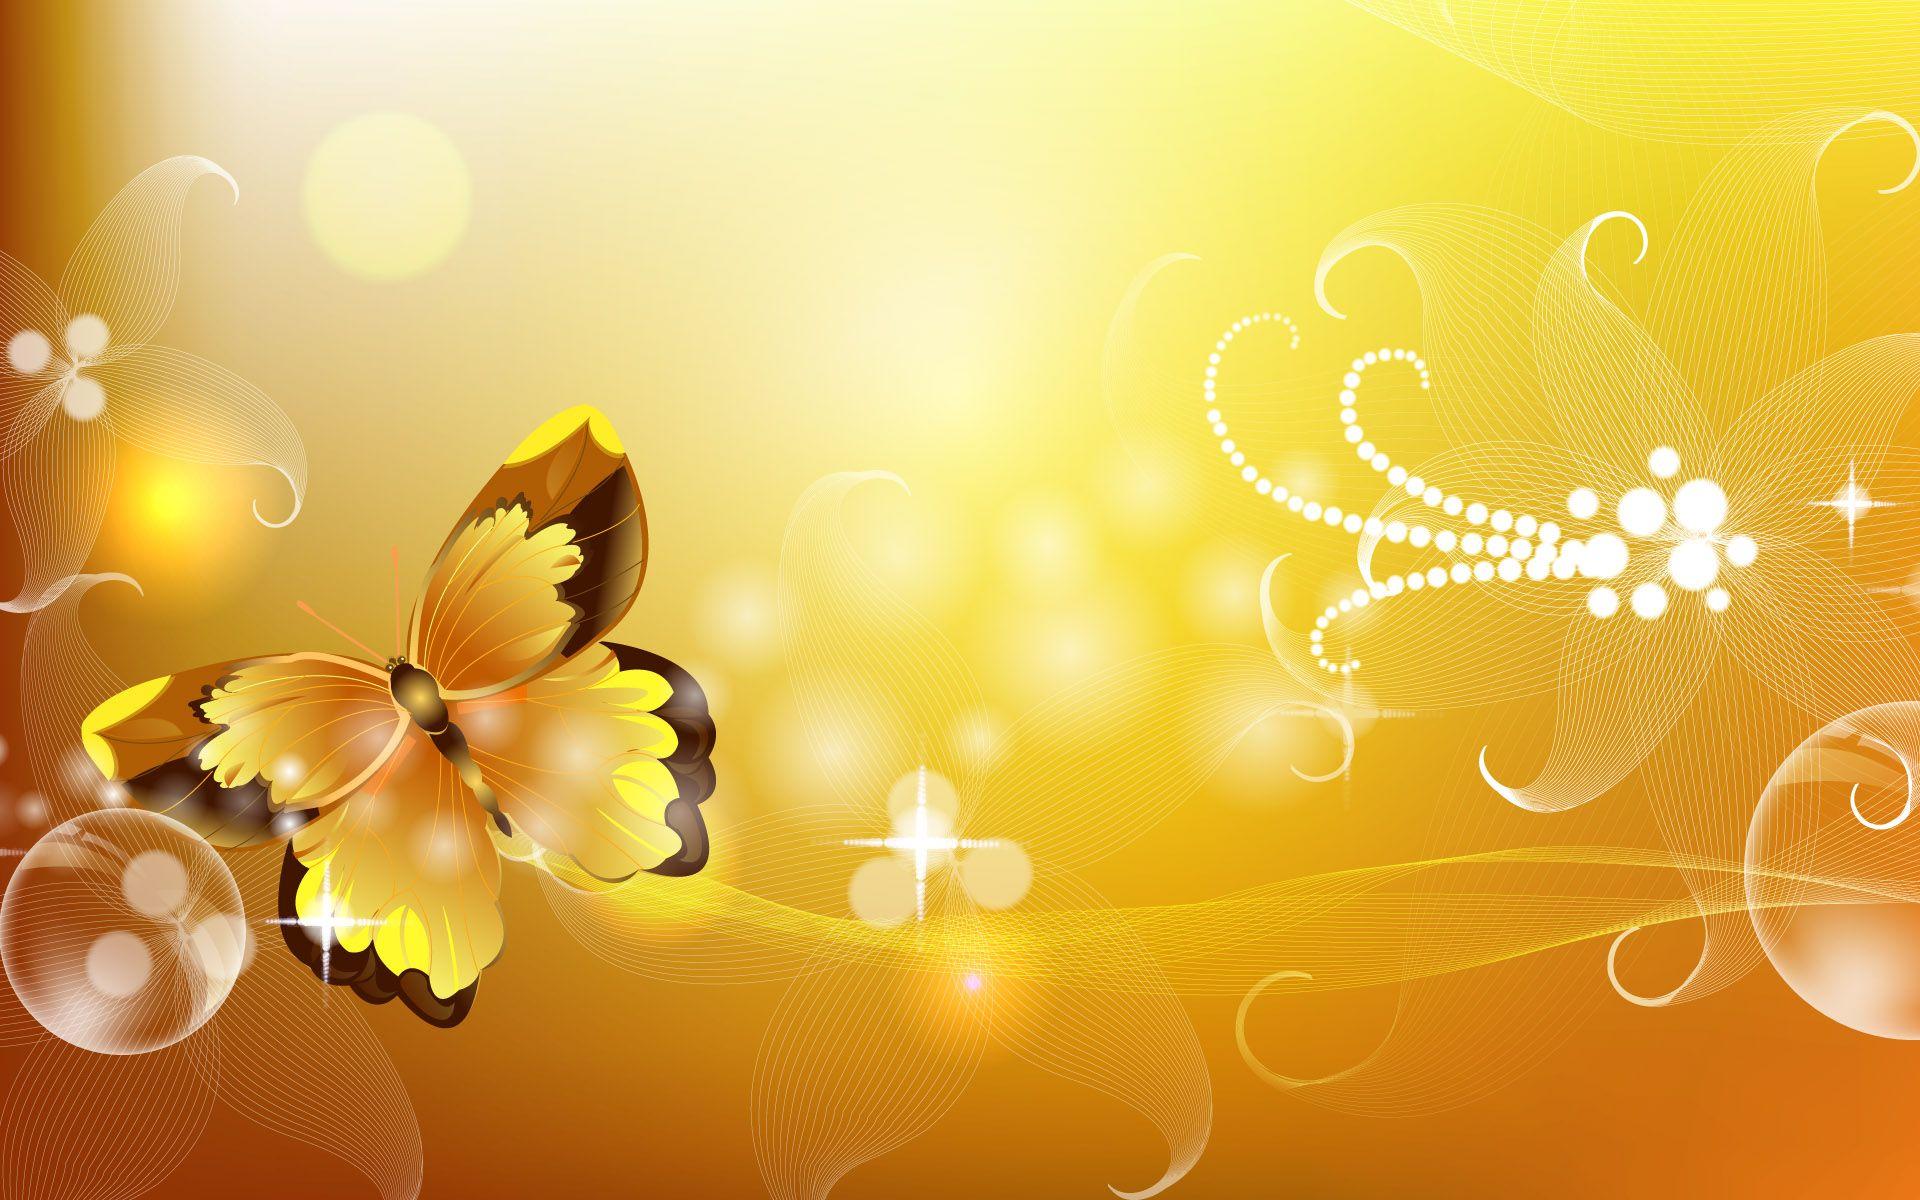 3d Butterfly Background Hd Wallpaper Vector Wallpaper Yellow Artwork